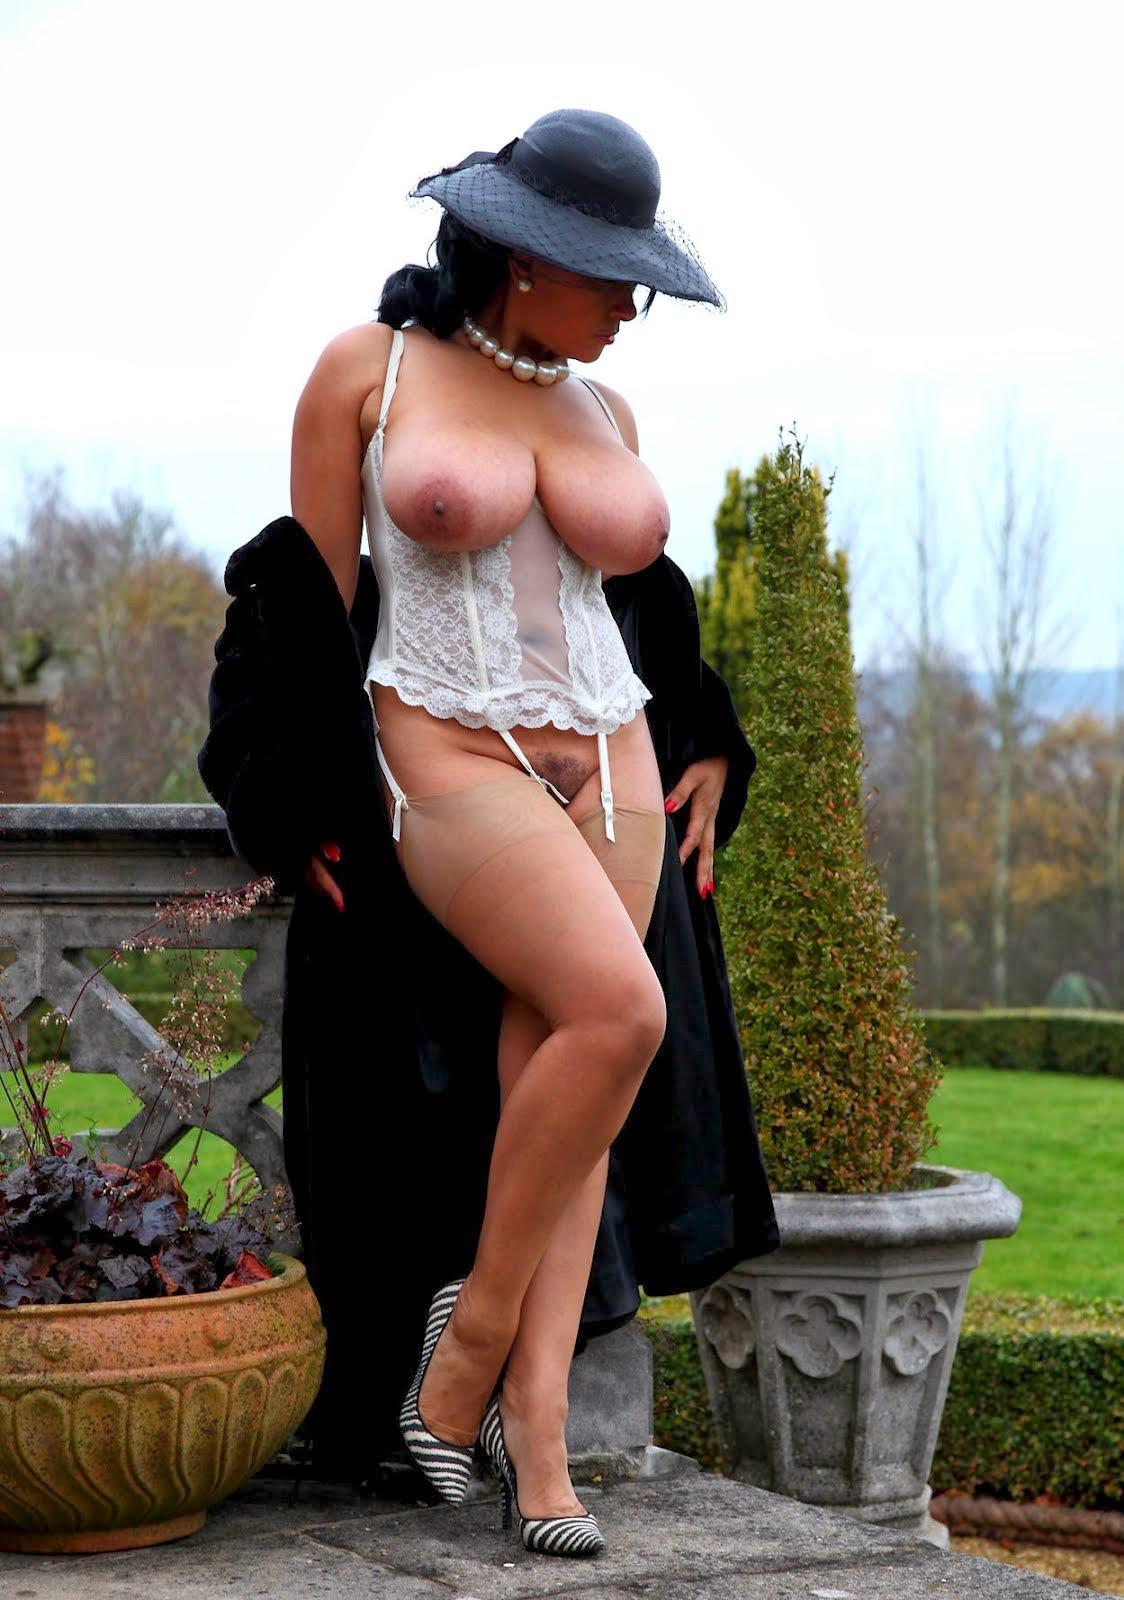 Naked Ladies Of